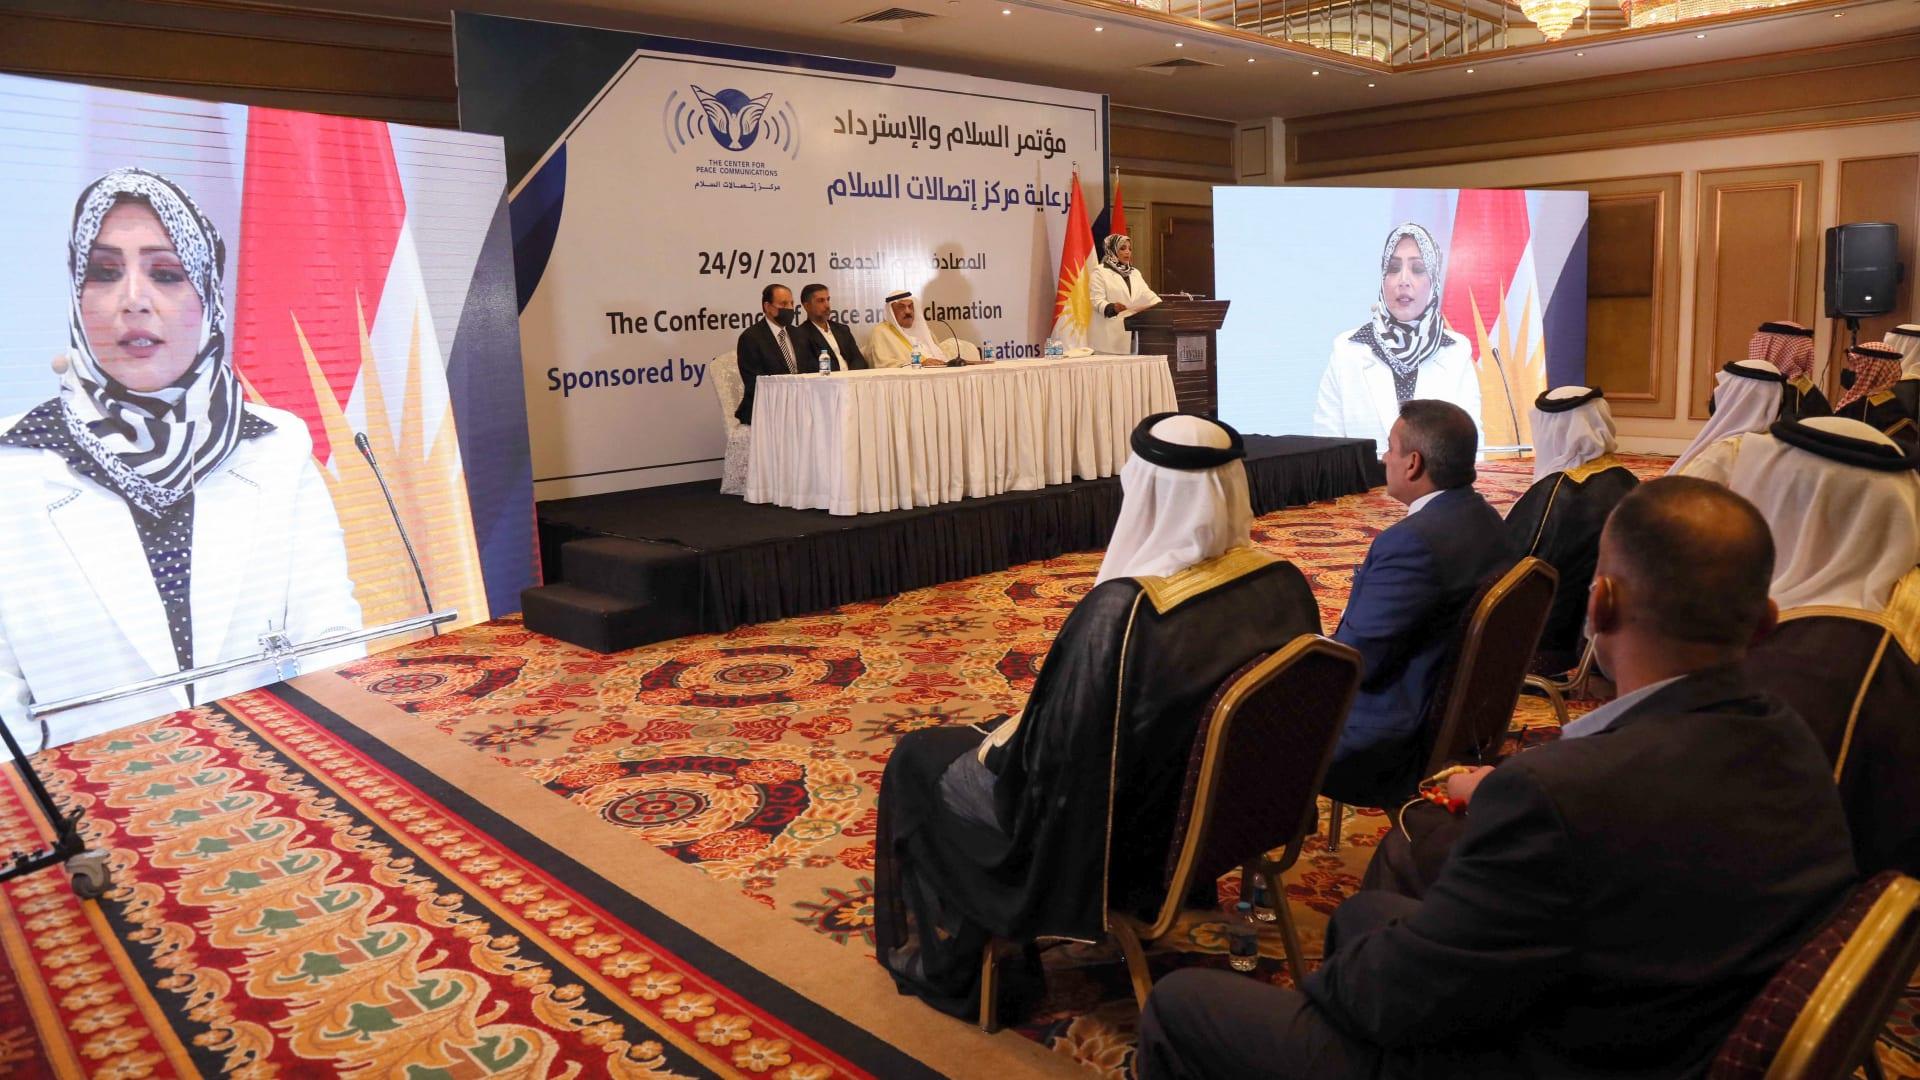 """العراق يرفض التطبيع بعد """"اجتماع غير قانوي"""" في أربيل.. وإسرائيل تصفه بـ""""حدث يبعث بالأمل"""""""